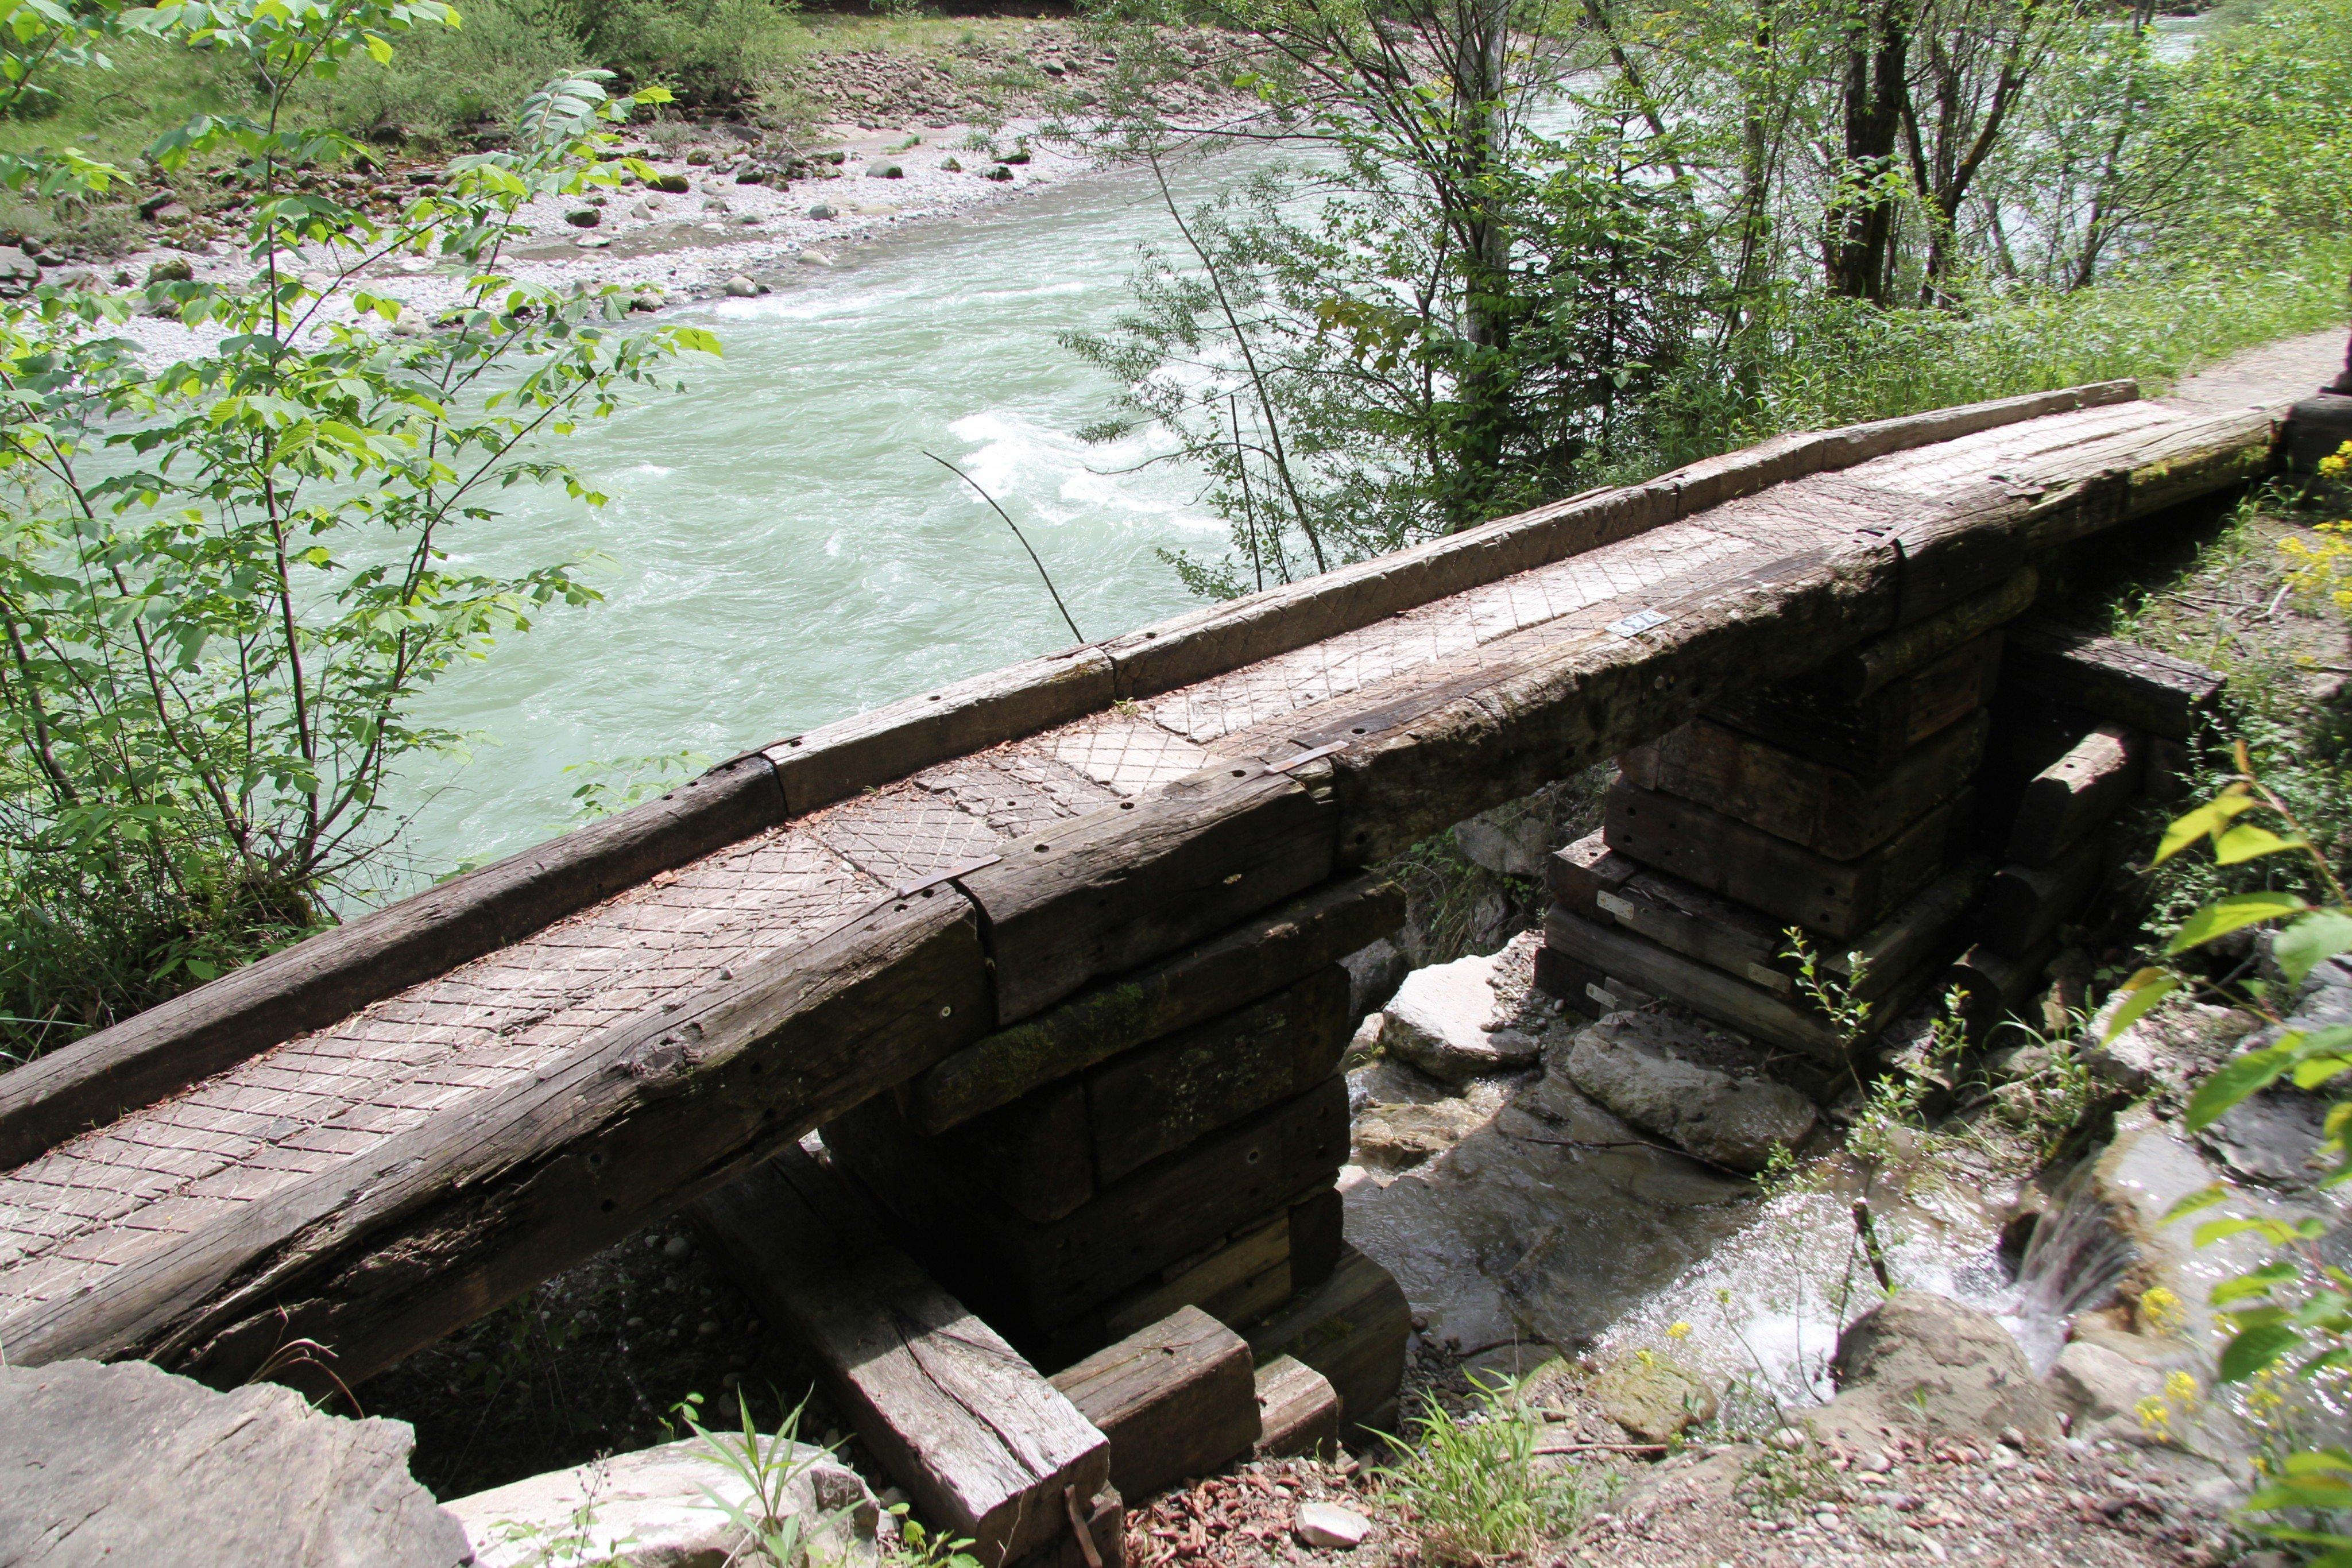 Die illegale Brücke, die nun weichen soll.